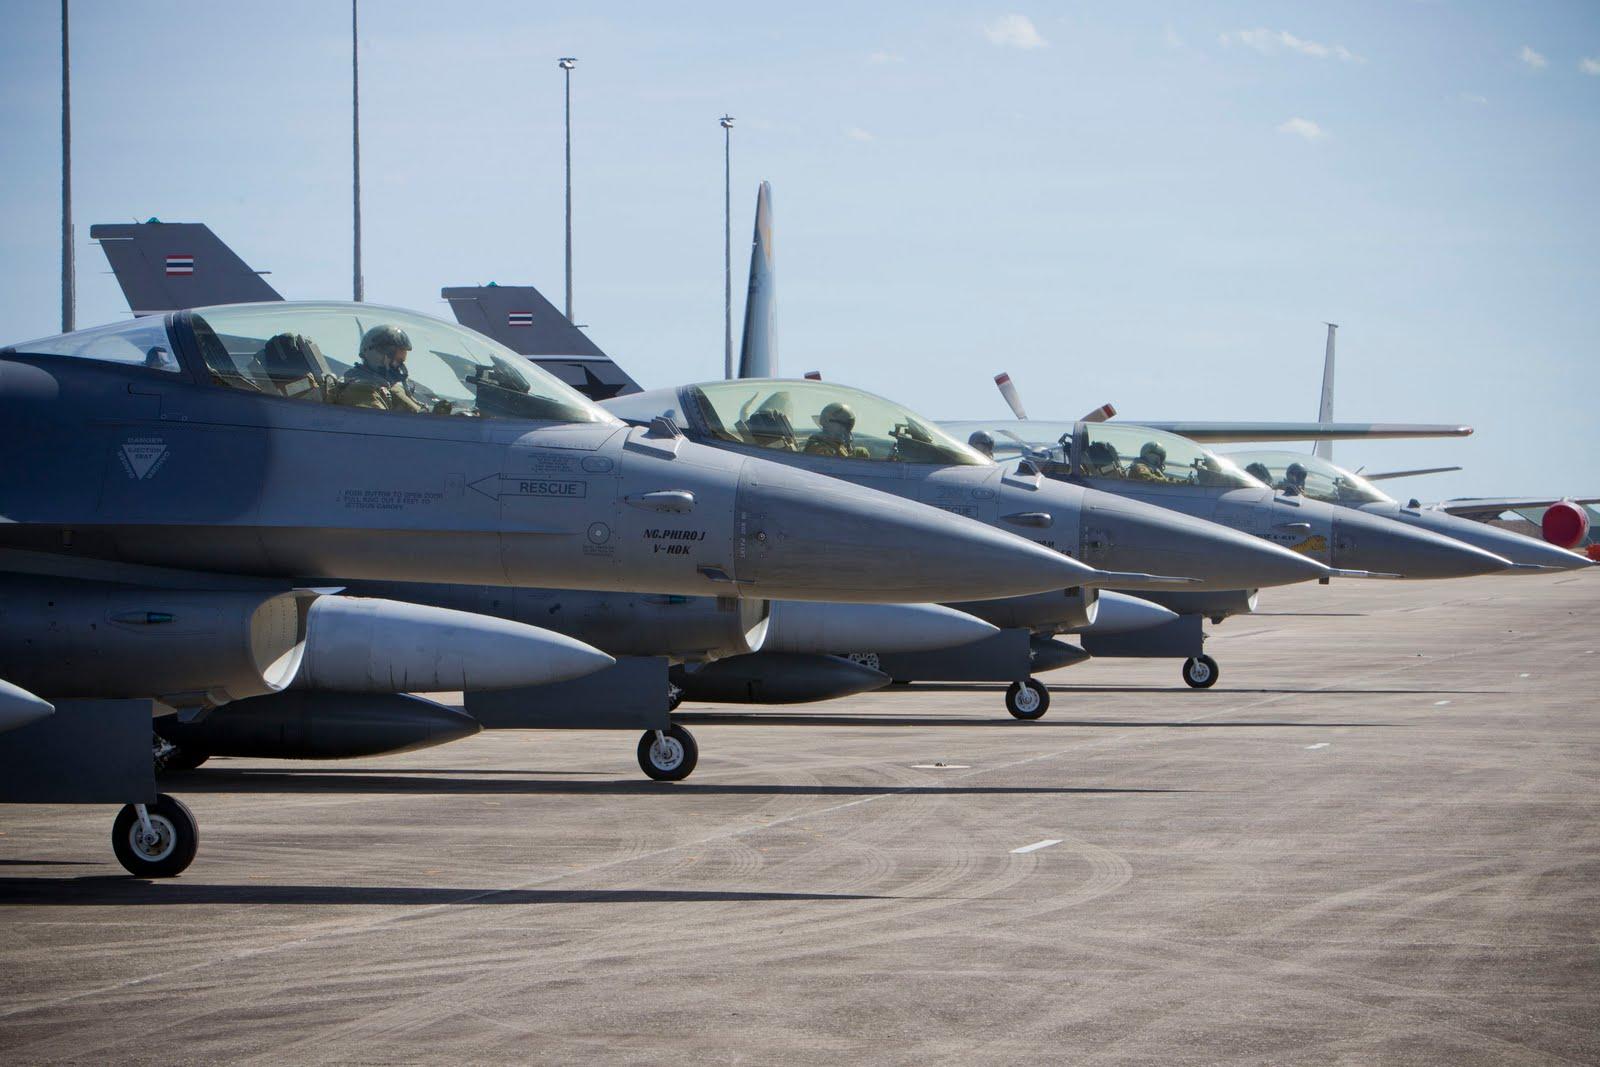 В Таиланде разбился самолет ВВС